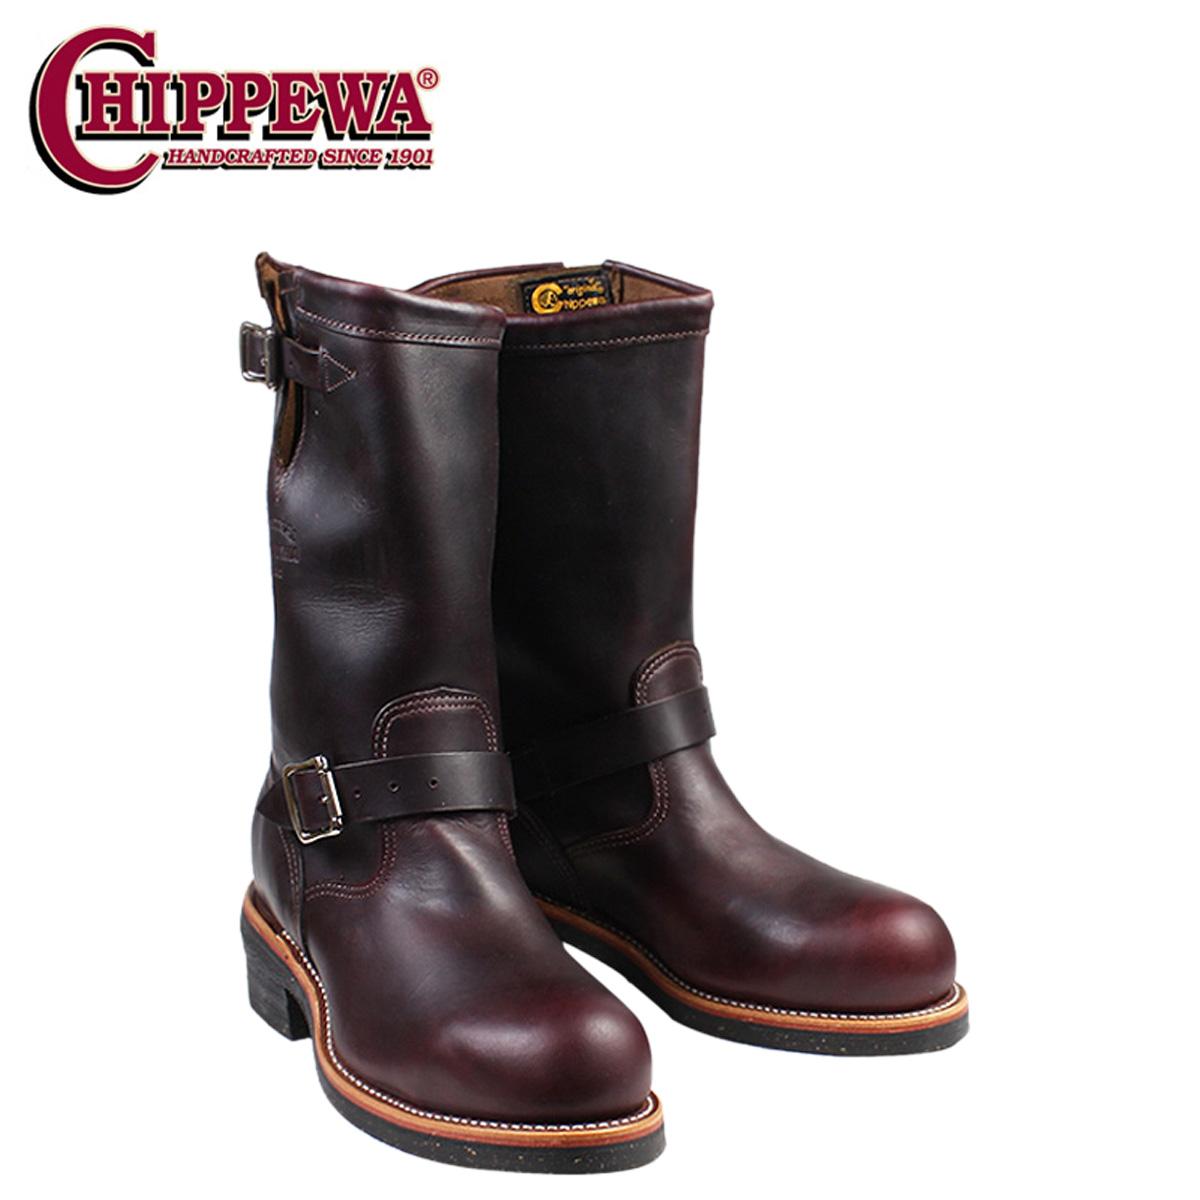 CHIPPEWA チペワ 11 INCH STEEL TOE ENGINEER ブーツ 11インチ スティールトゥ エンジニア ブーツ 1901M04 Eワイズ コードバン メンズ